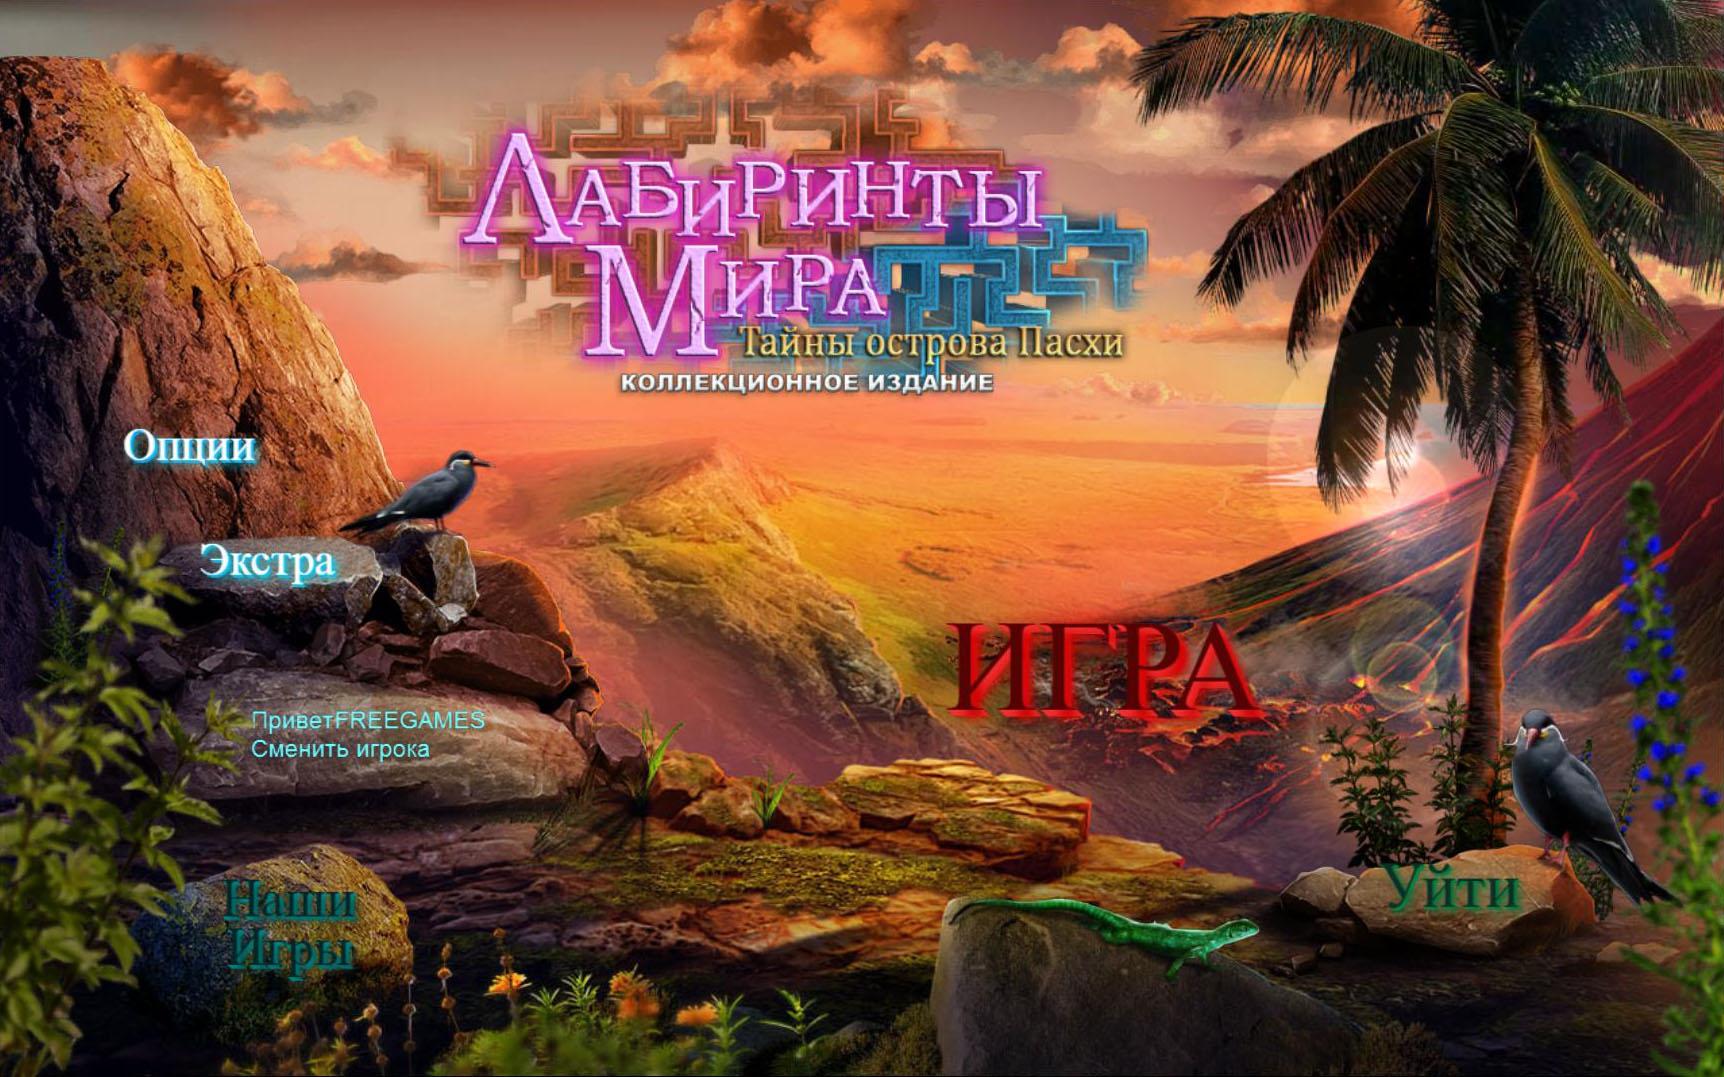 Лабиринты мира 5: Тайны острова Пасхи. Коллекционное издание   Labyrinths of the World 5: Secrets of Easter Island CE (Rus)